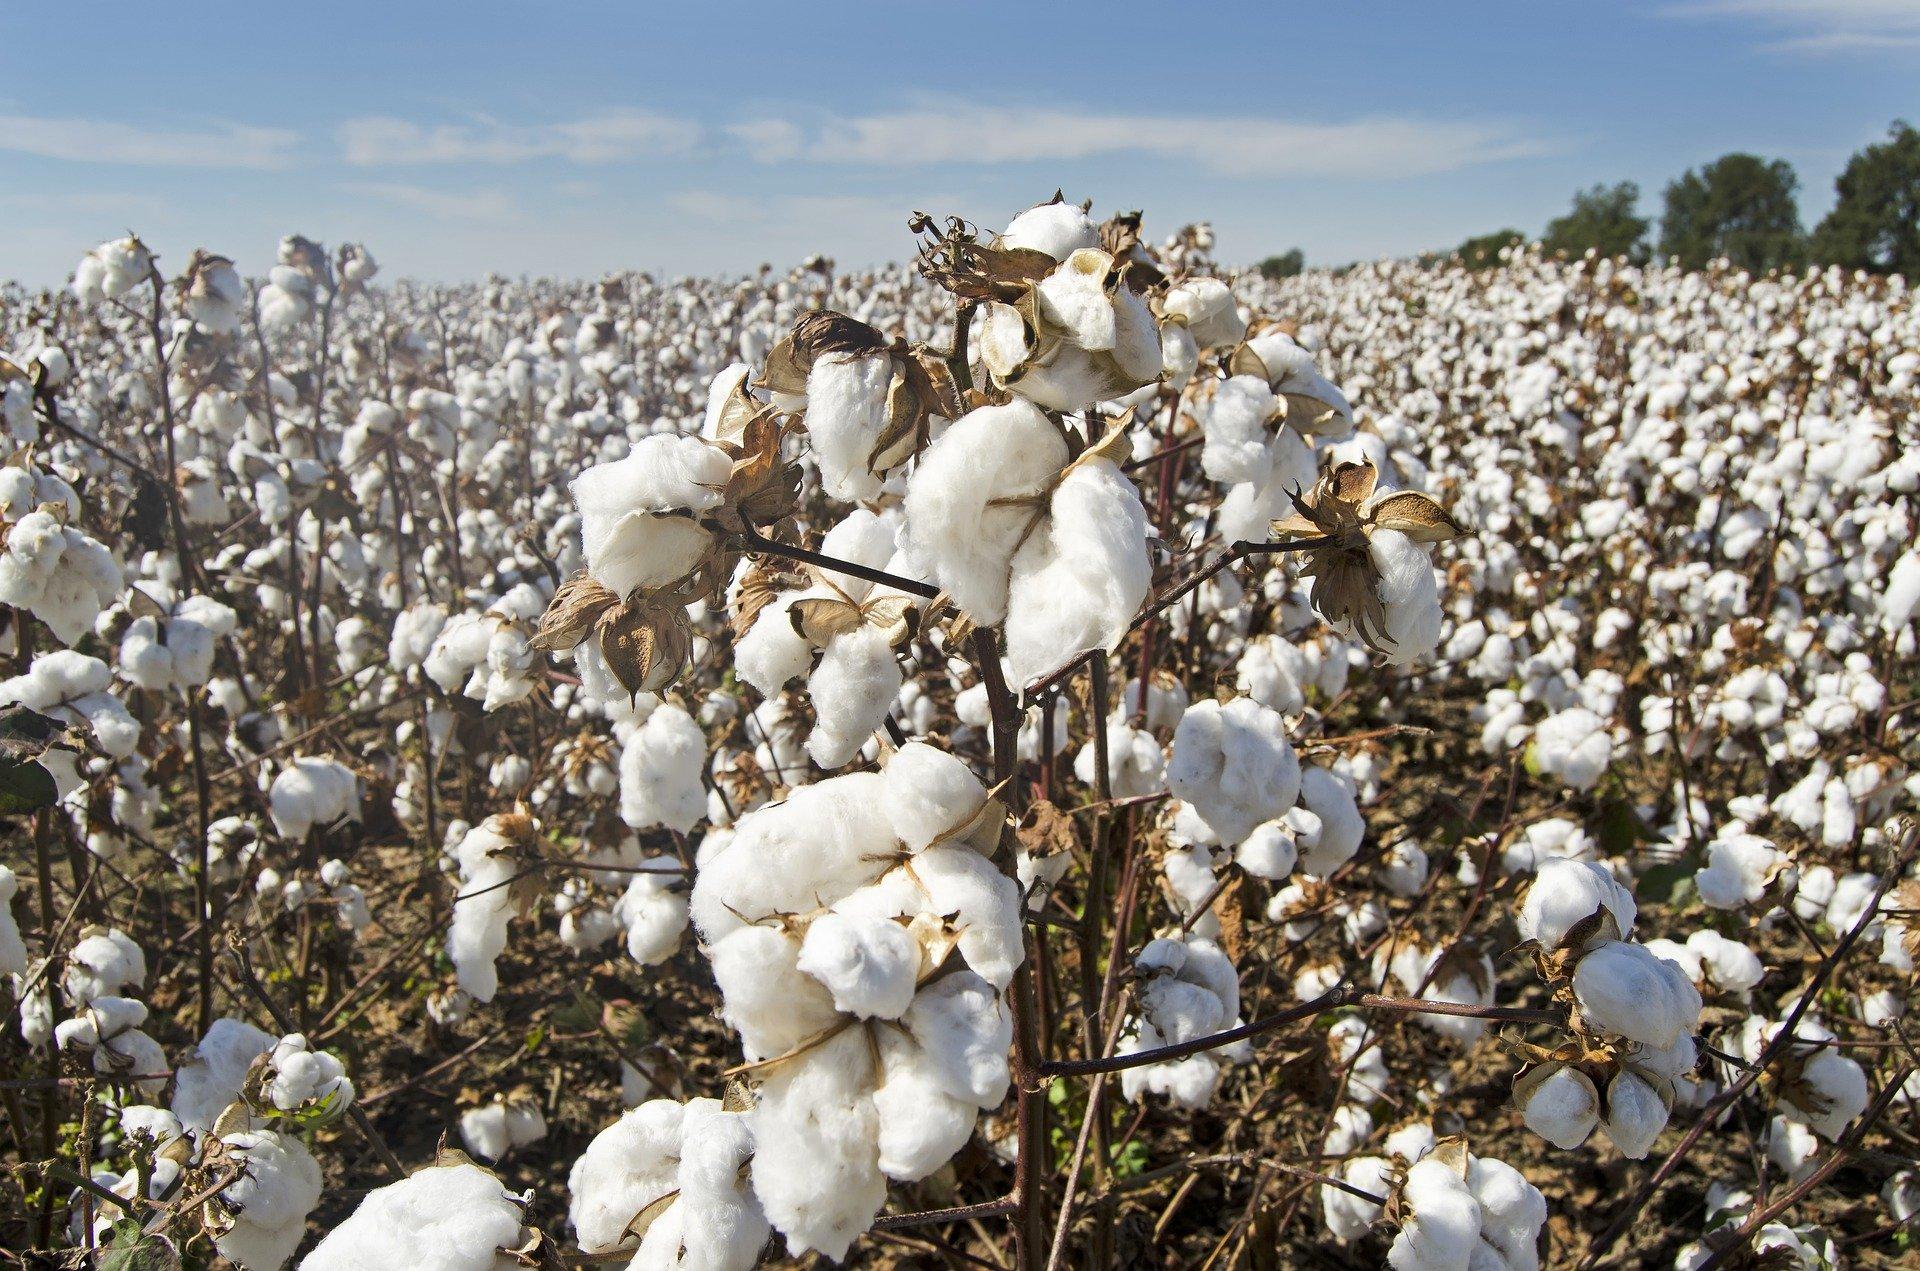 Plantação de algodão. Foto: Jim Black / Pixabay